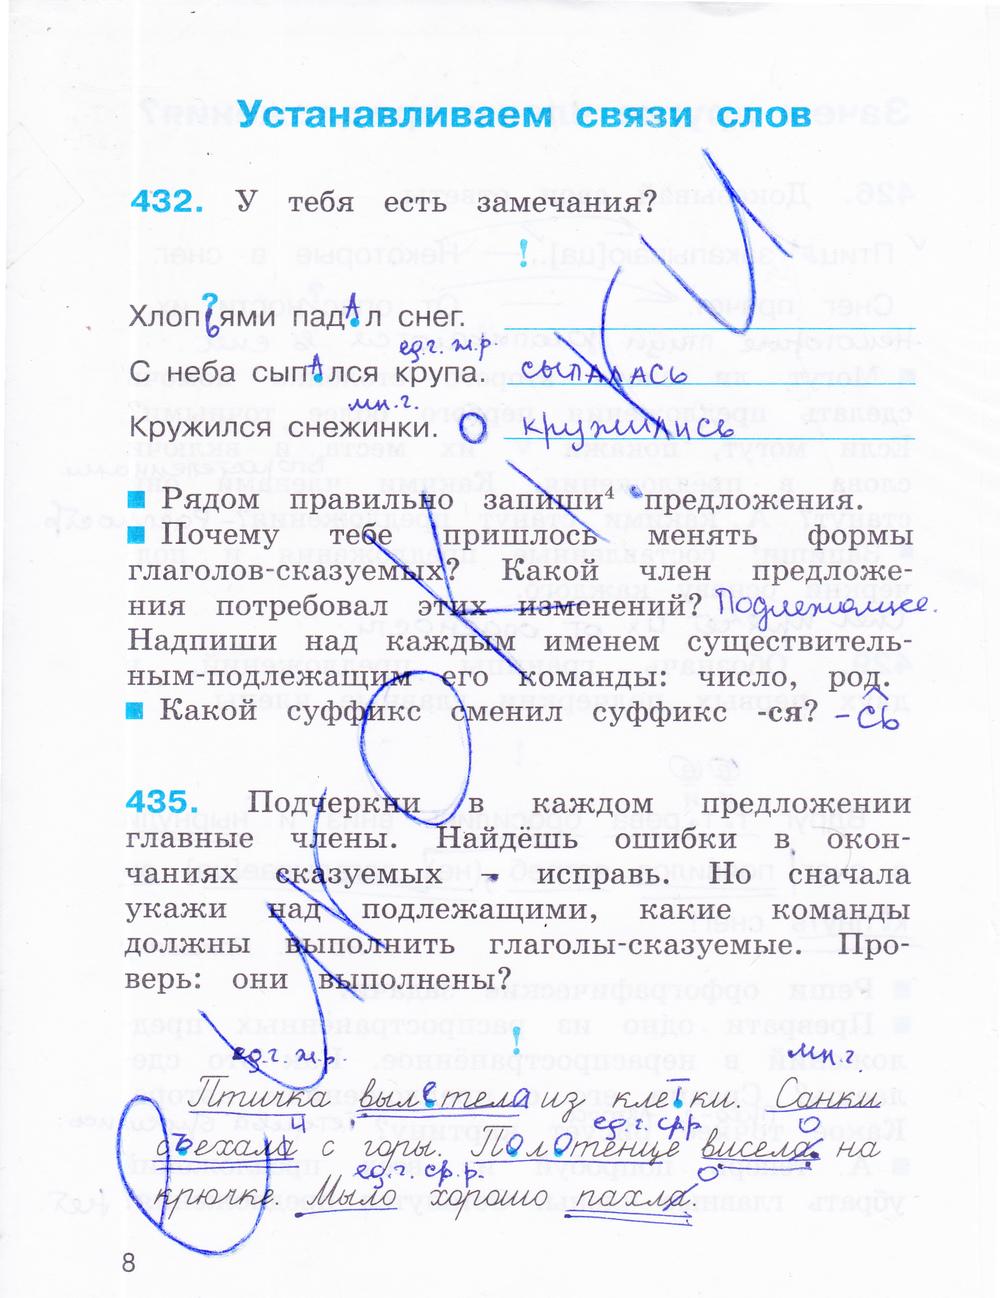 ГДЗ по русскому языку 2 класс рабочая тетрадь М.С. Соловейчик Гармония